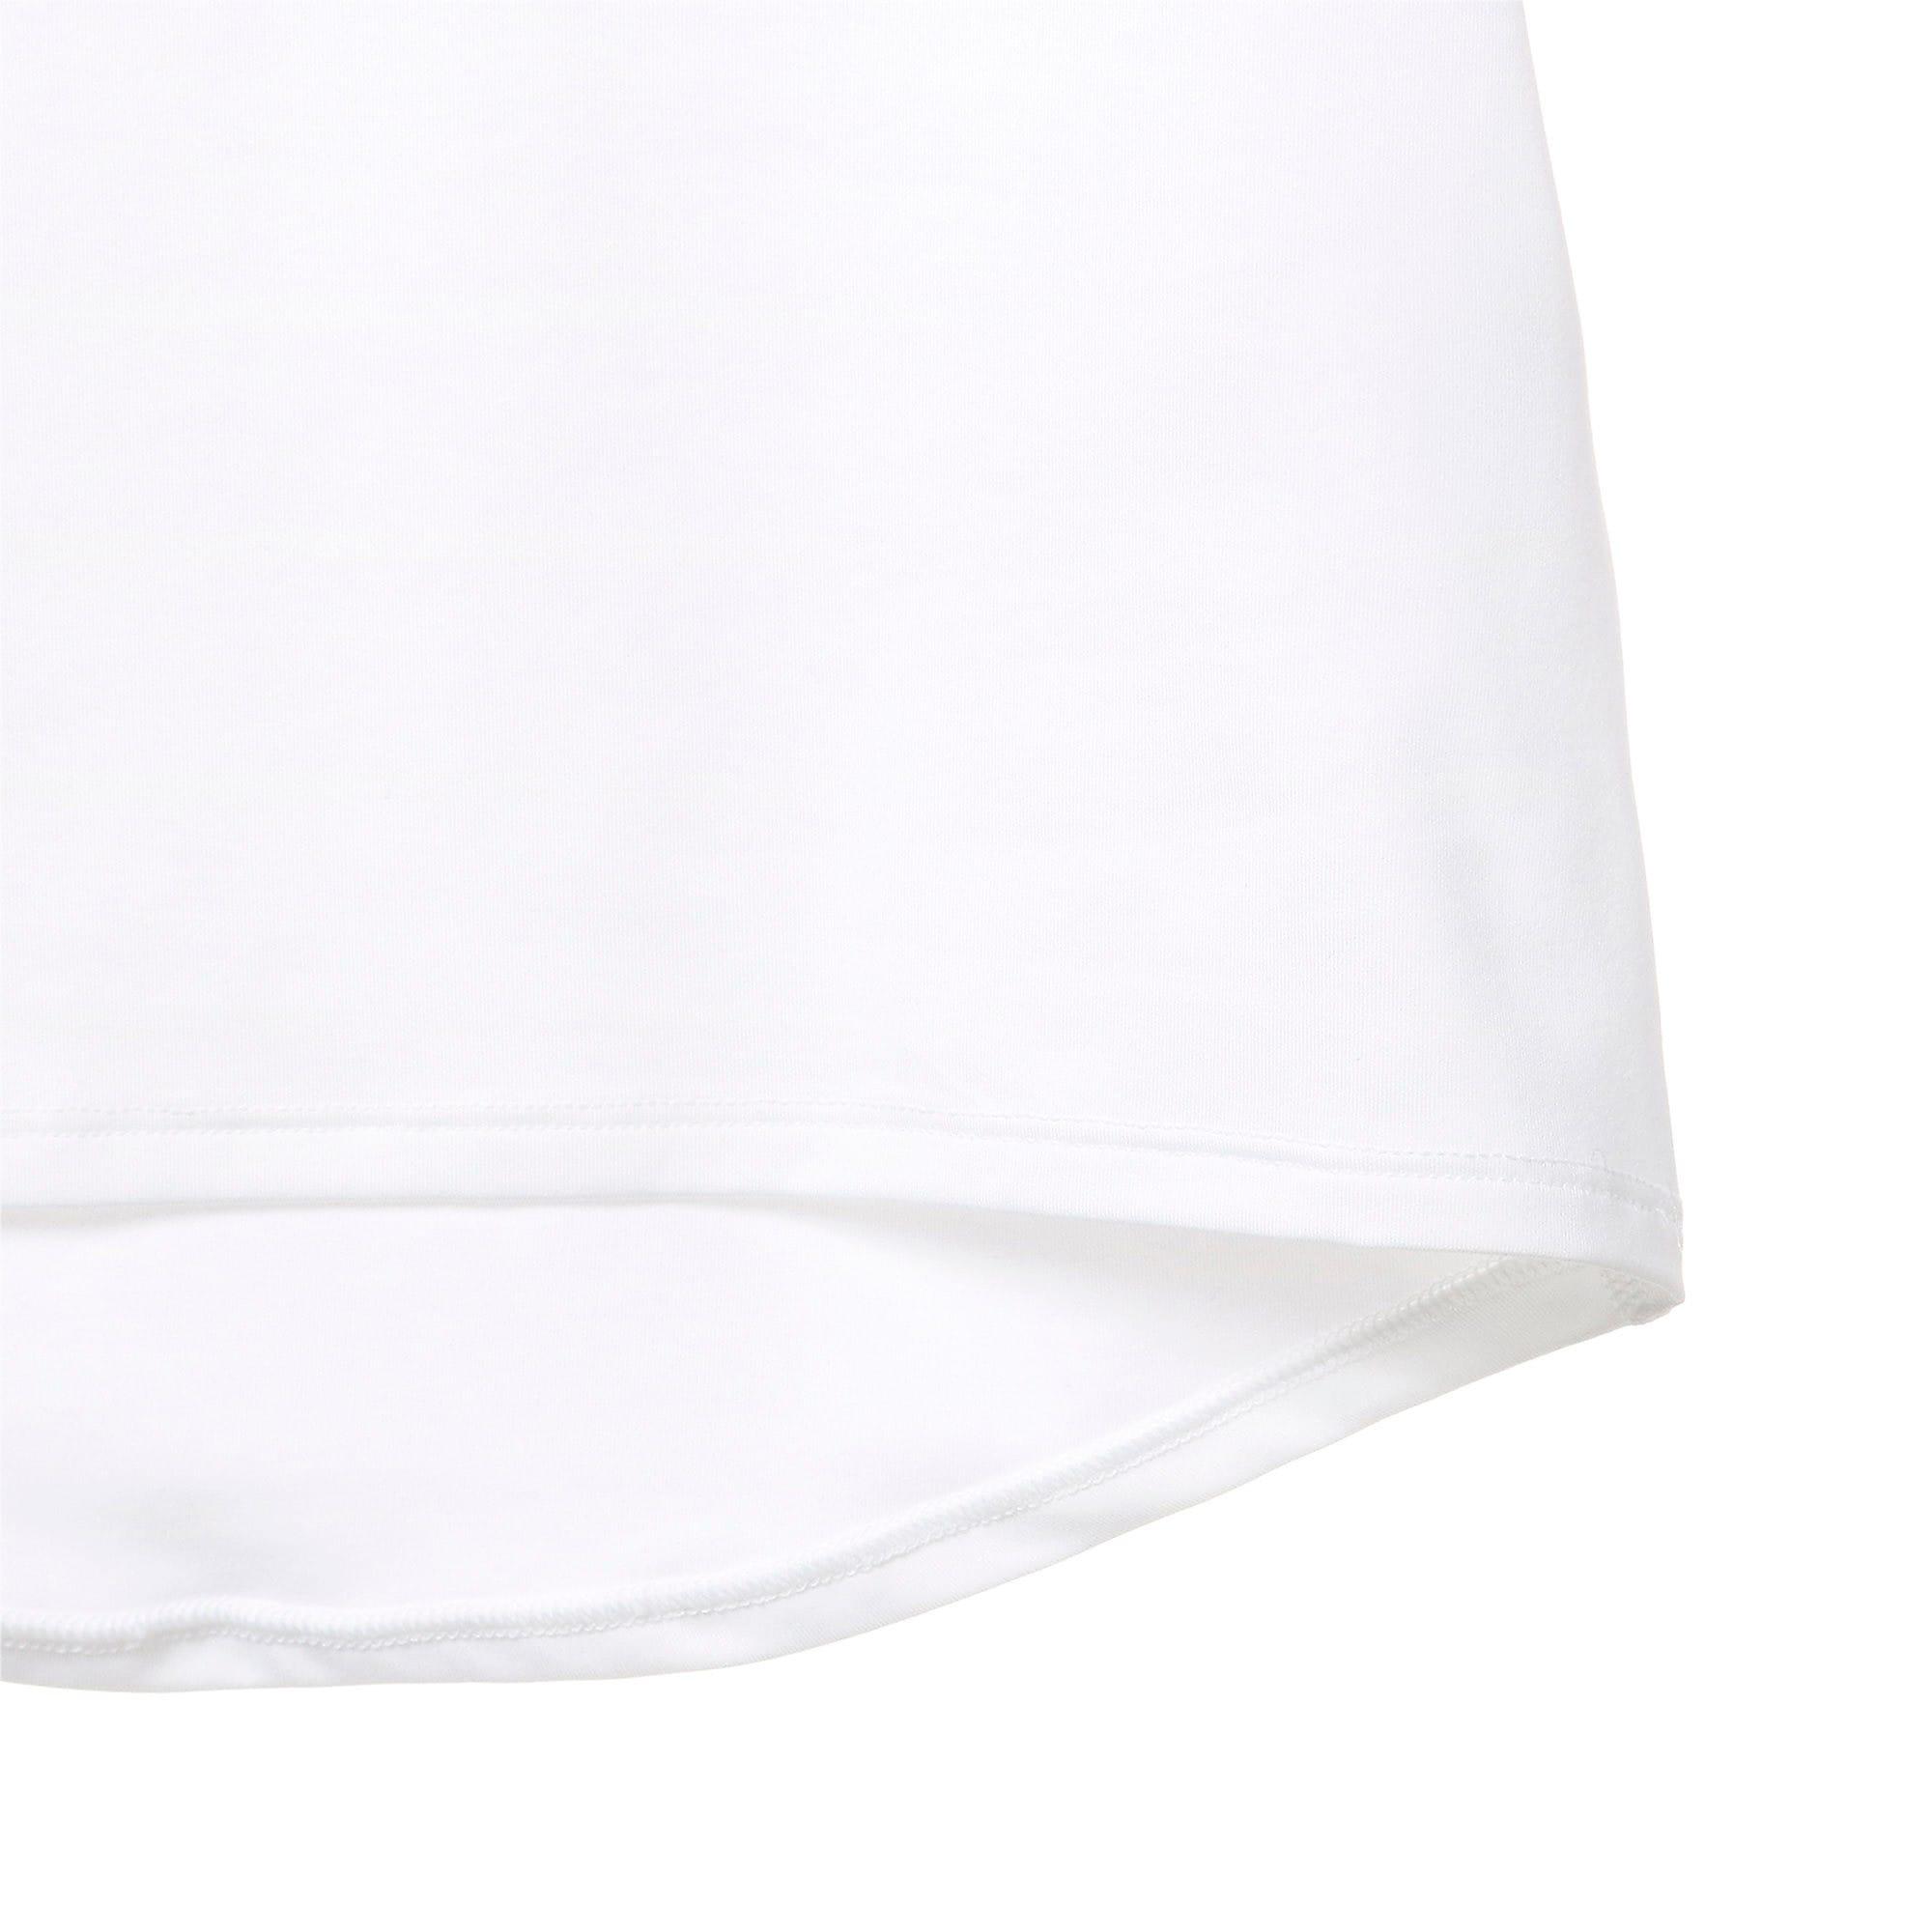 Thumbnail 6 of テック ライト LS ウィメンズ トレーニング Tシャツ 長袖, Puma White, medium-JPN